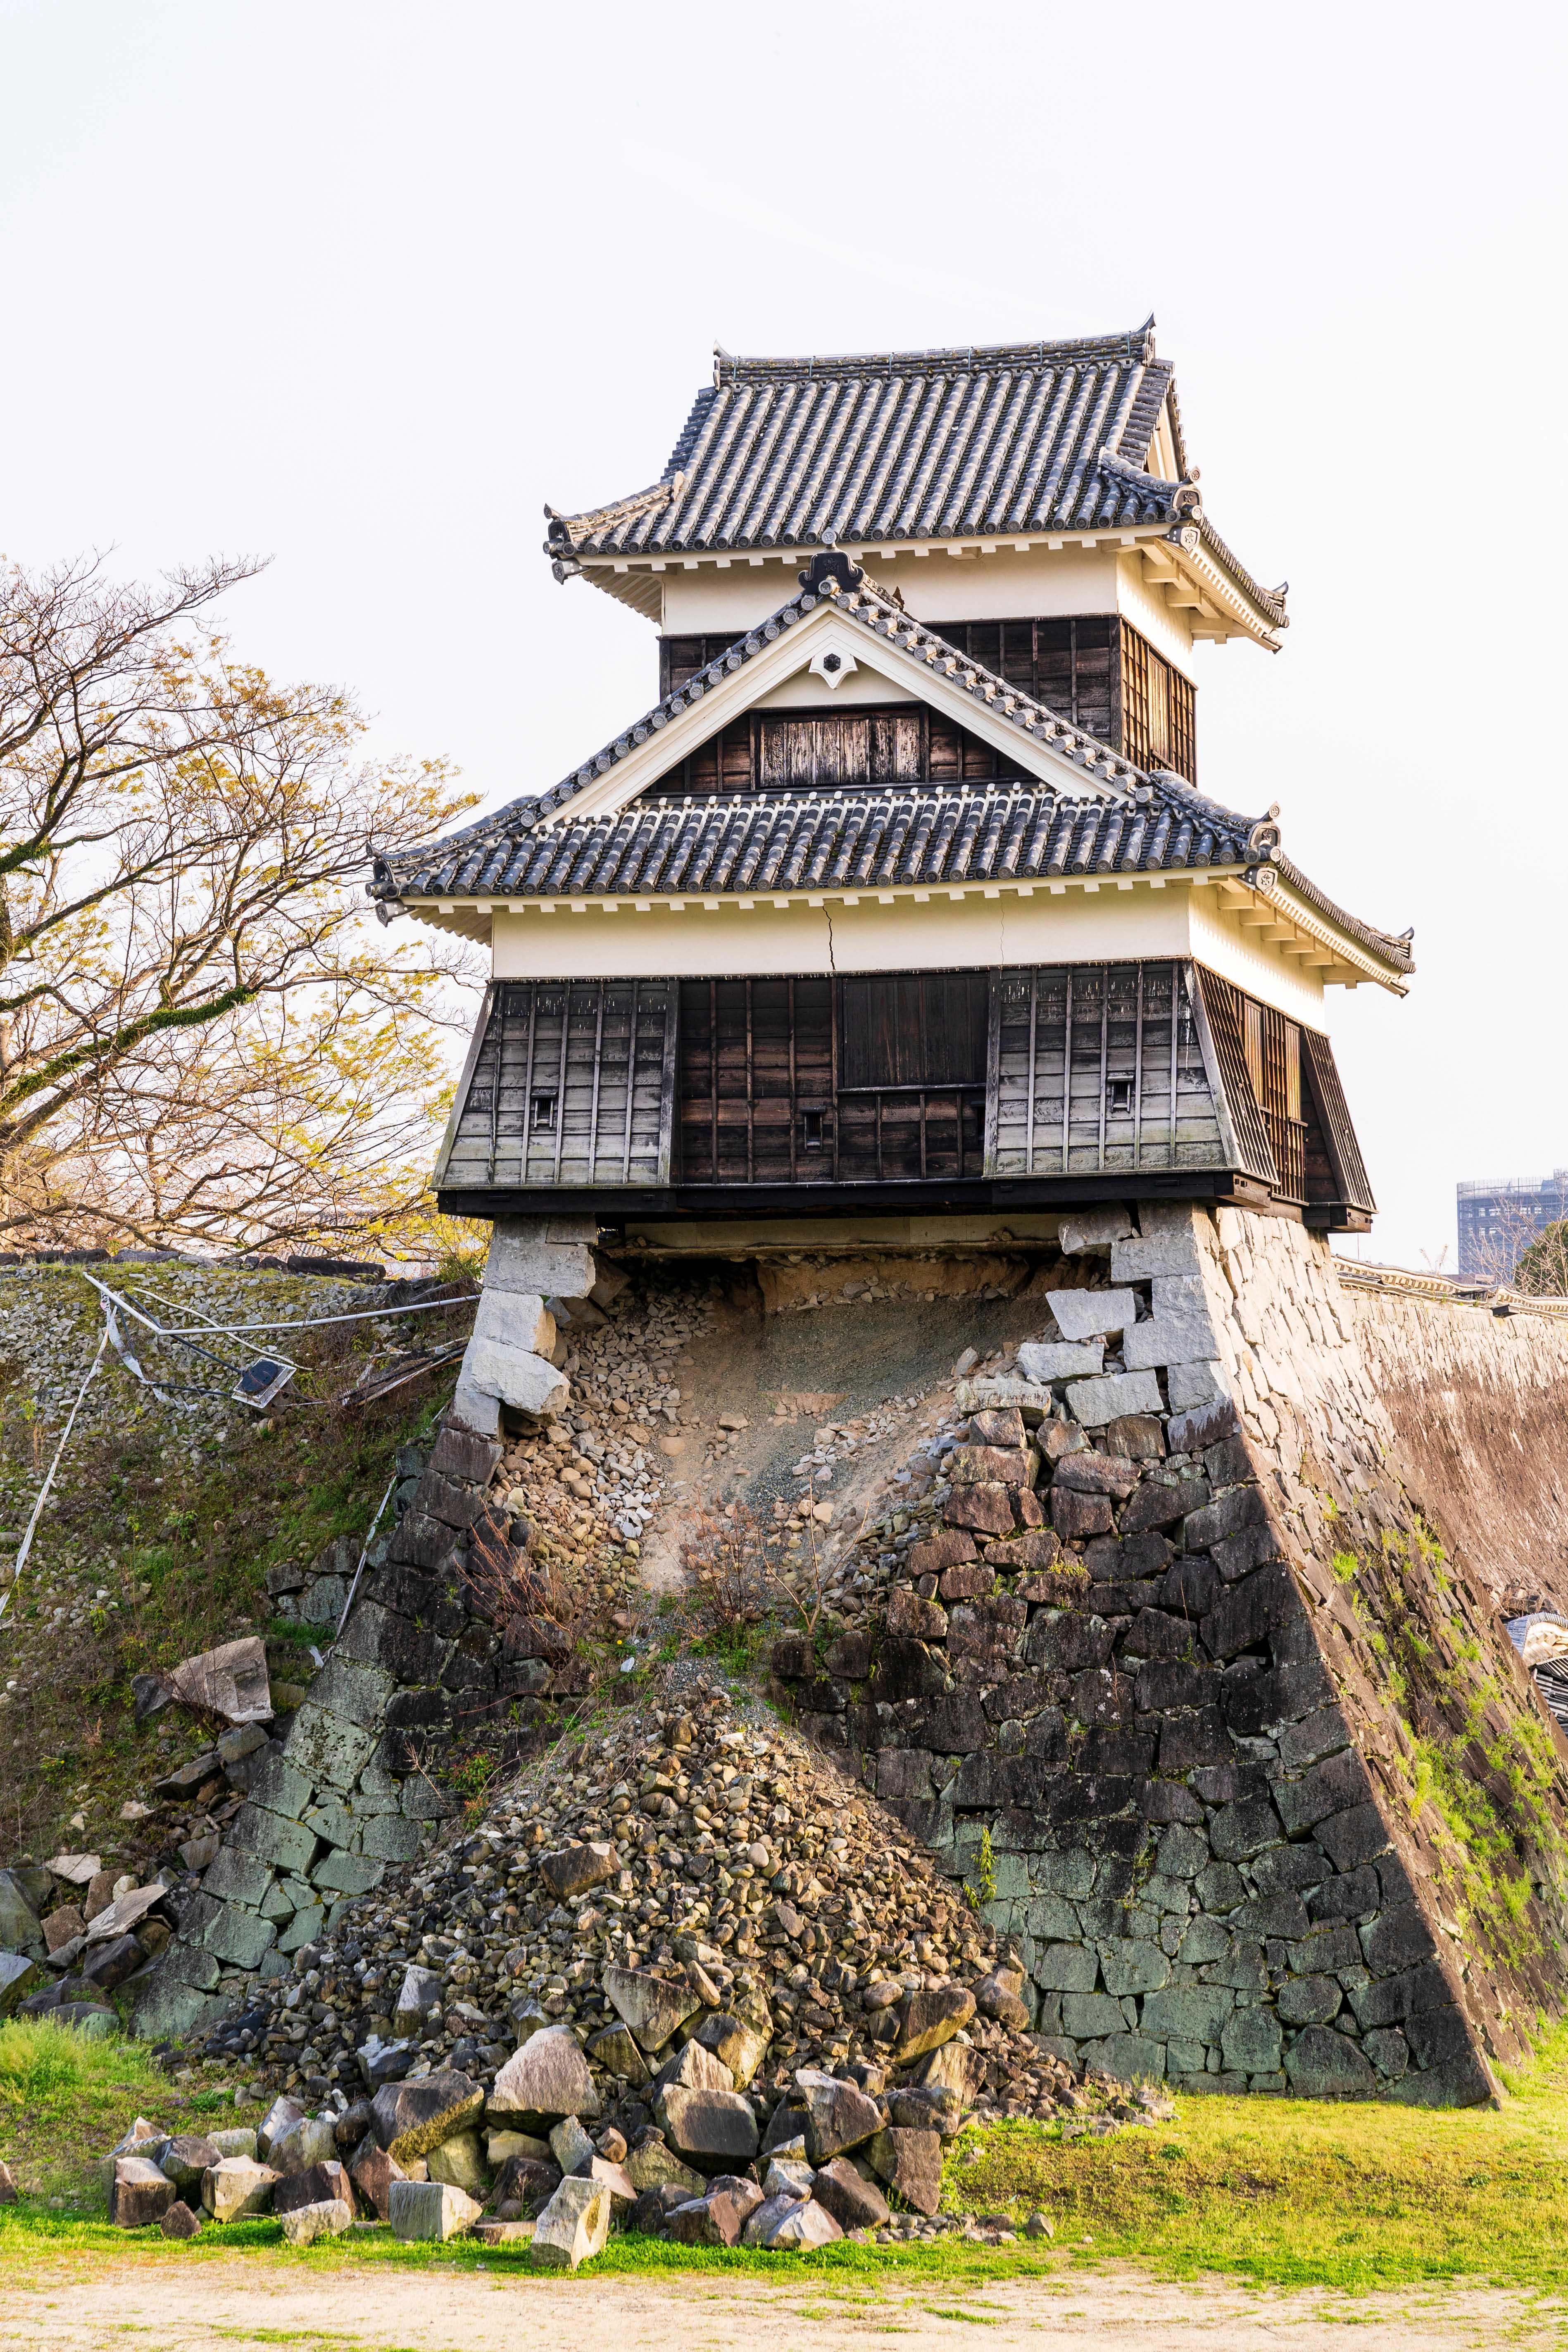 Kumamoto castle showing the 2016 earthquake damage. The Inui Yagura, turret, with the Ishigaki stone walls around and under largely collapsed.